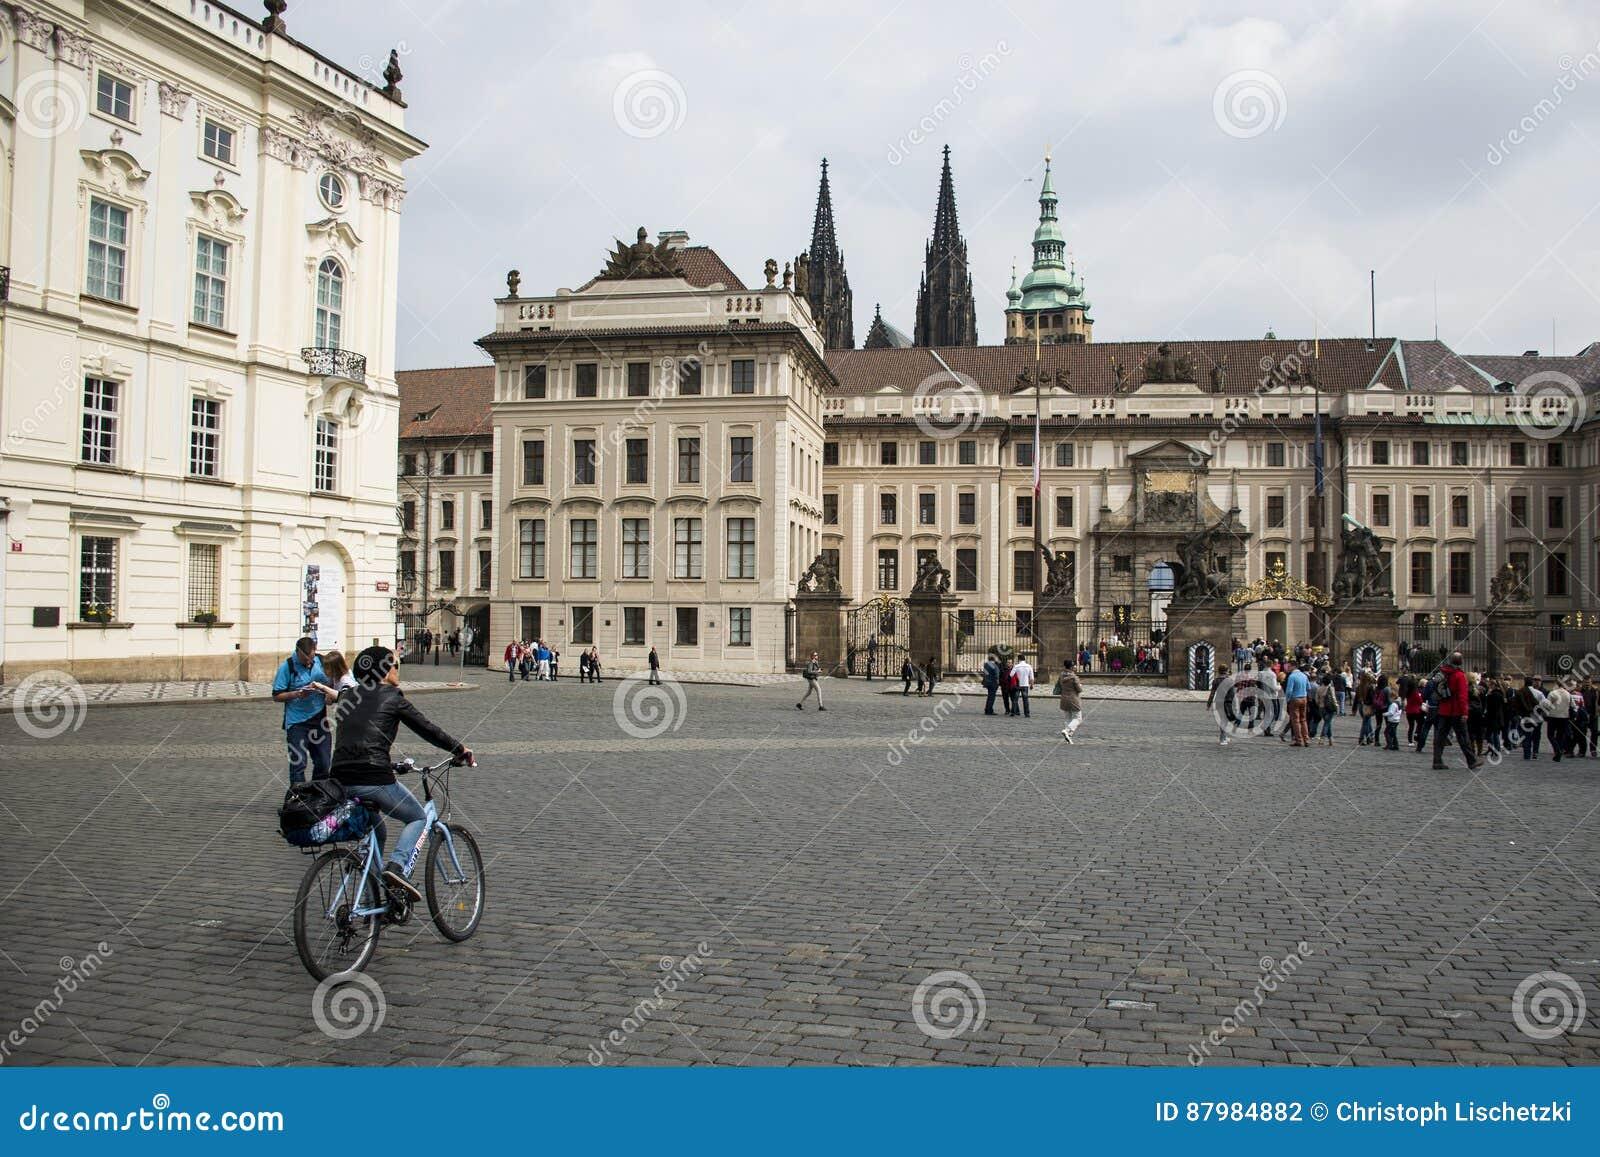 Tsjechische Republiek Praag 11 04 2014: Het jonge meisje cirkelen in het wijfje die van de capitolstad op een zonnige dag koelen